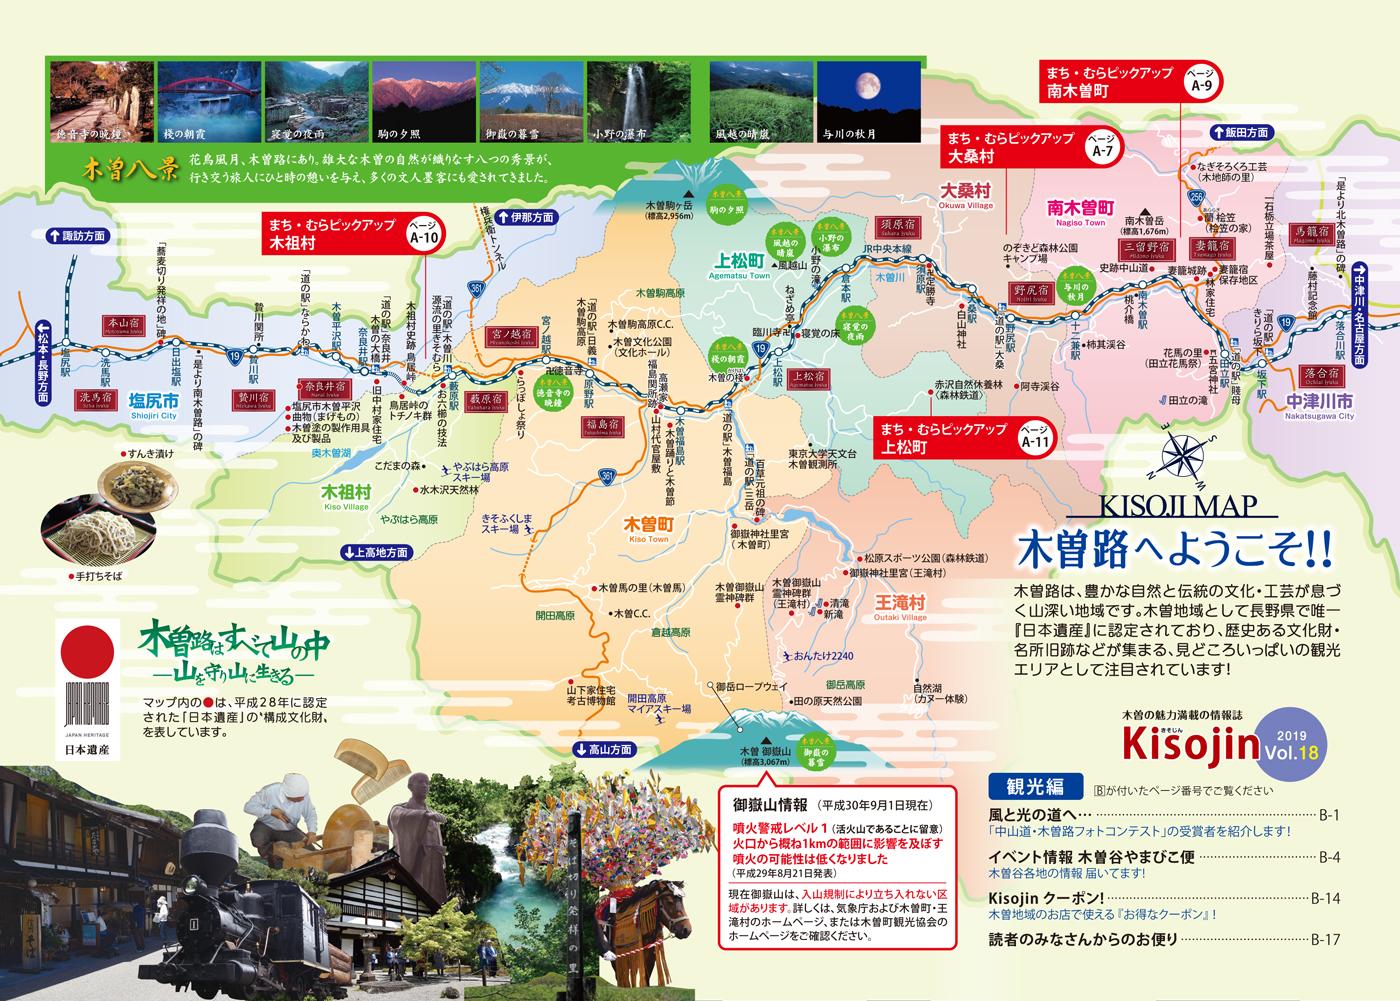 木曽路へようこそ!観光マップ  スマホアプリで英語・中国語・韓国語OK!